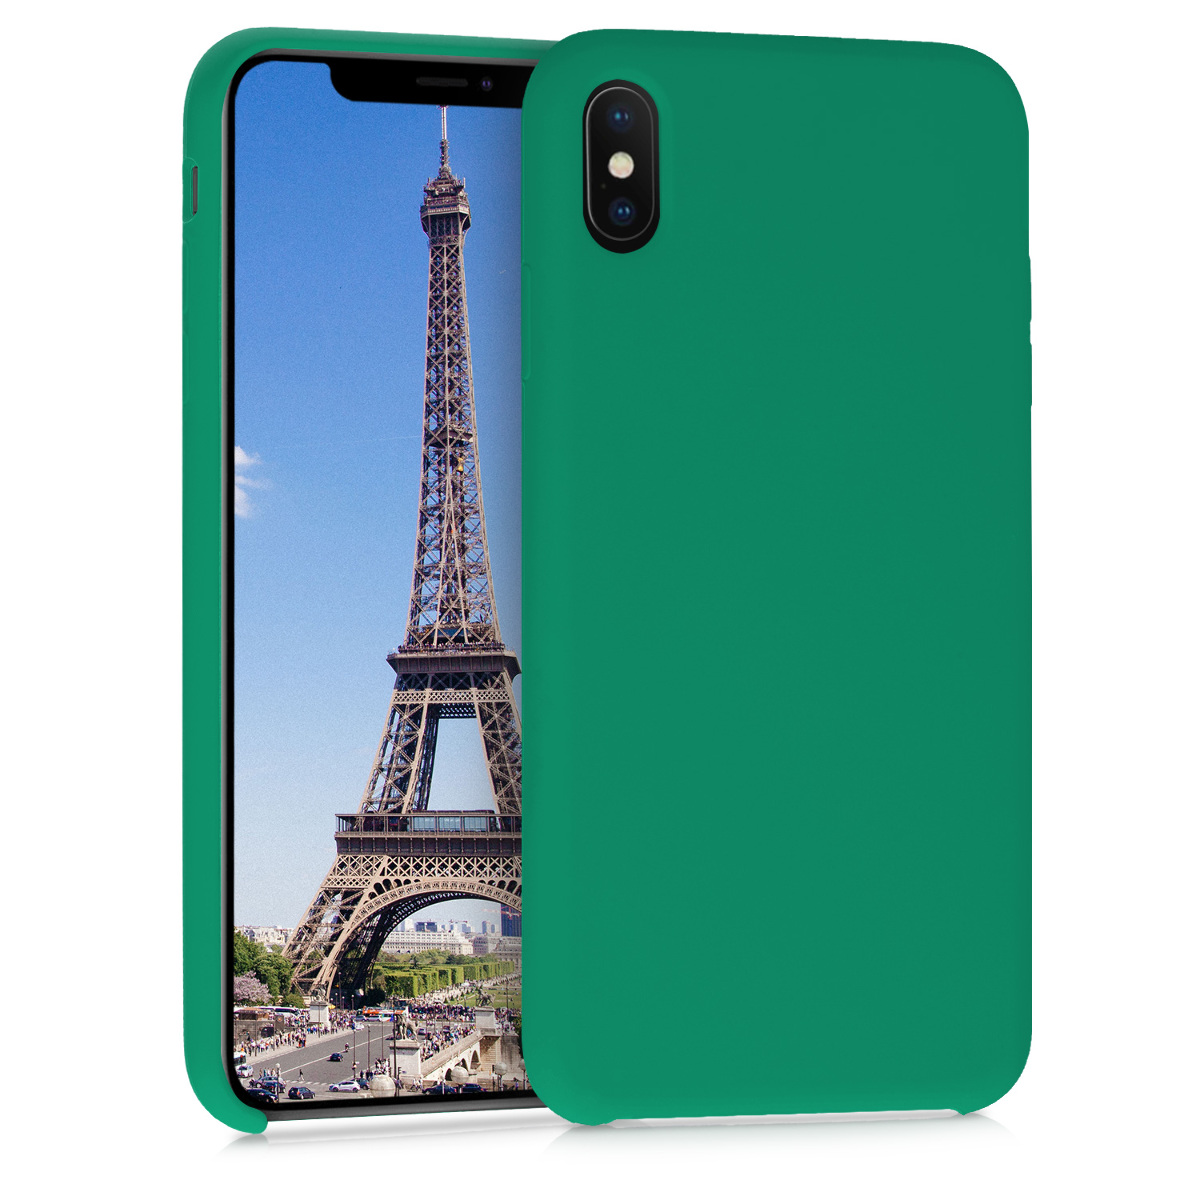 Kvalitní silikonové TPU pouzdro pro Apple iPhone XS Max - Smaragdová zeleň